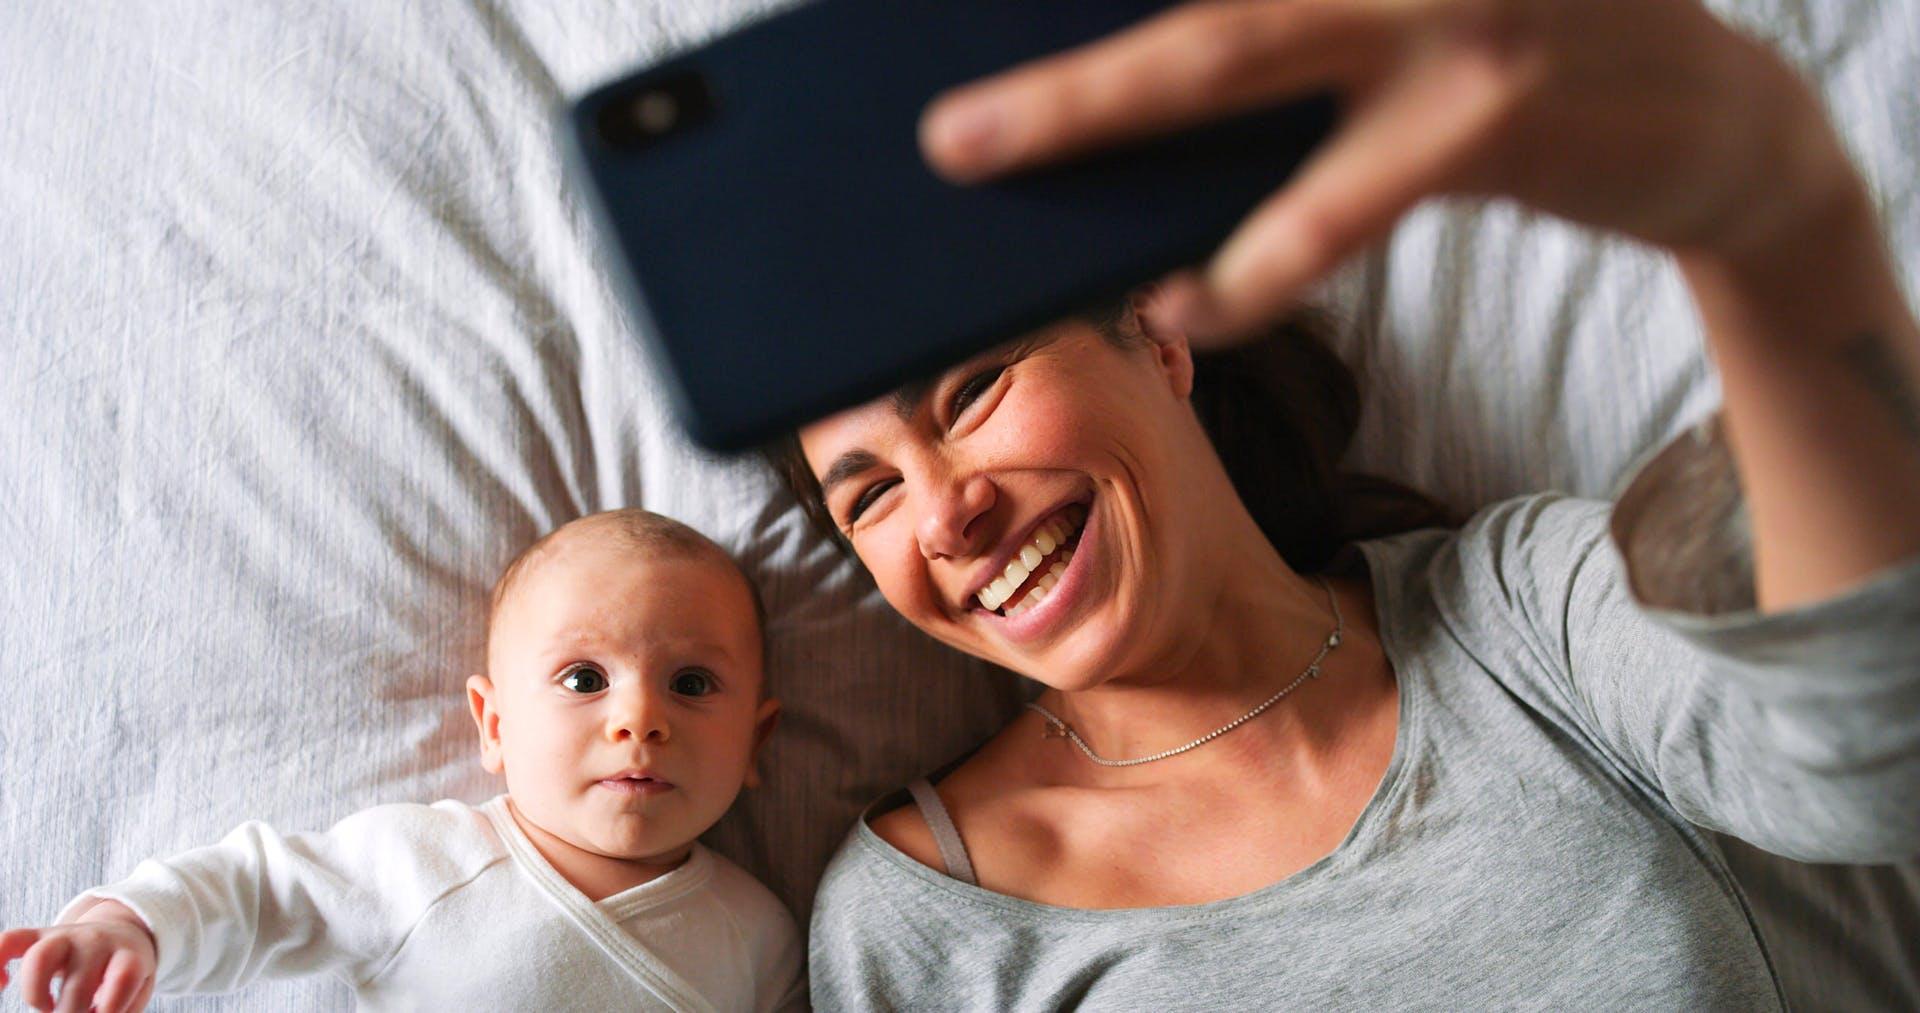 Las 3 mejores ofertas en teléfonos móviles y planes móviles para mayo